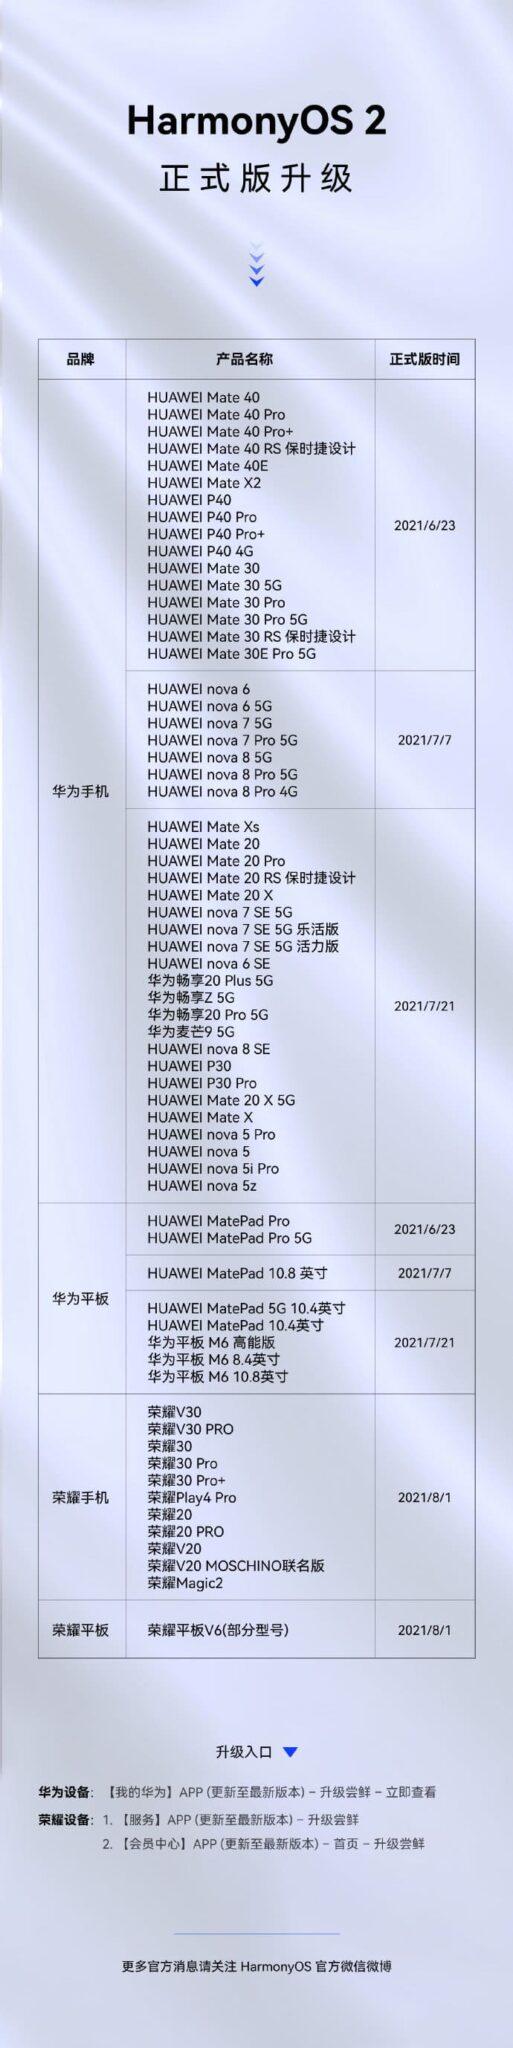 lista-modelos-compatibles-hamonyos-huawey-y-honor